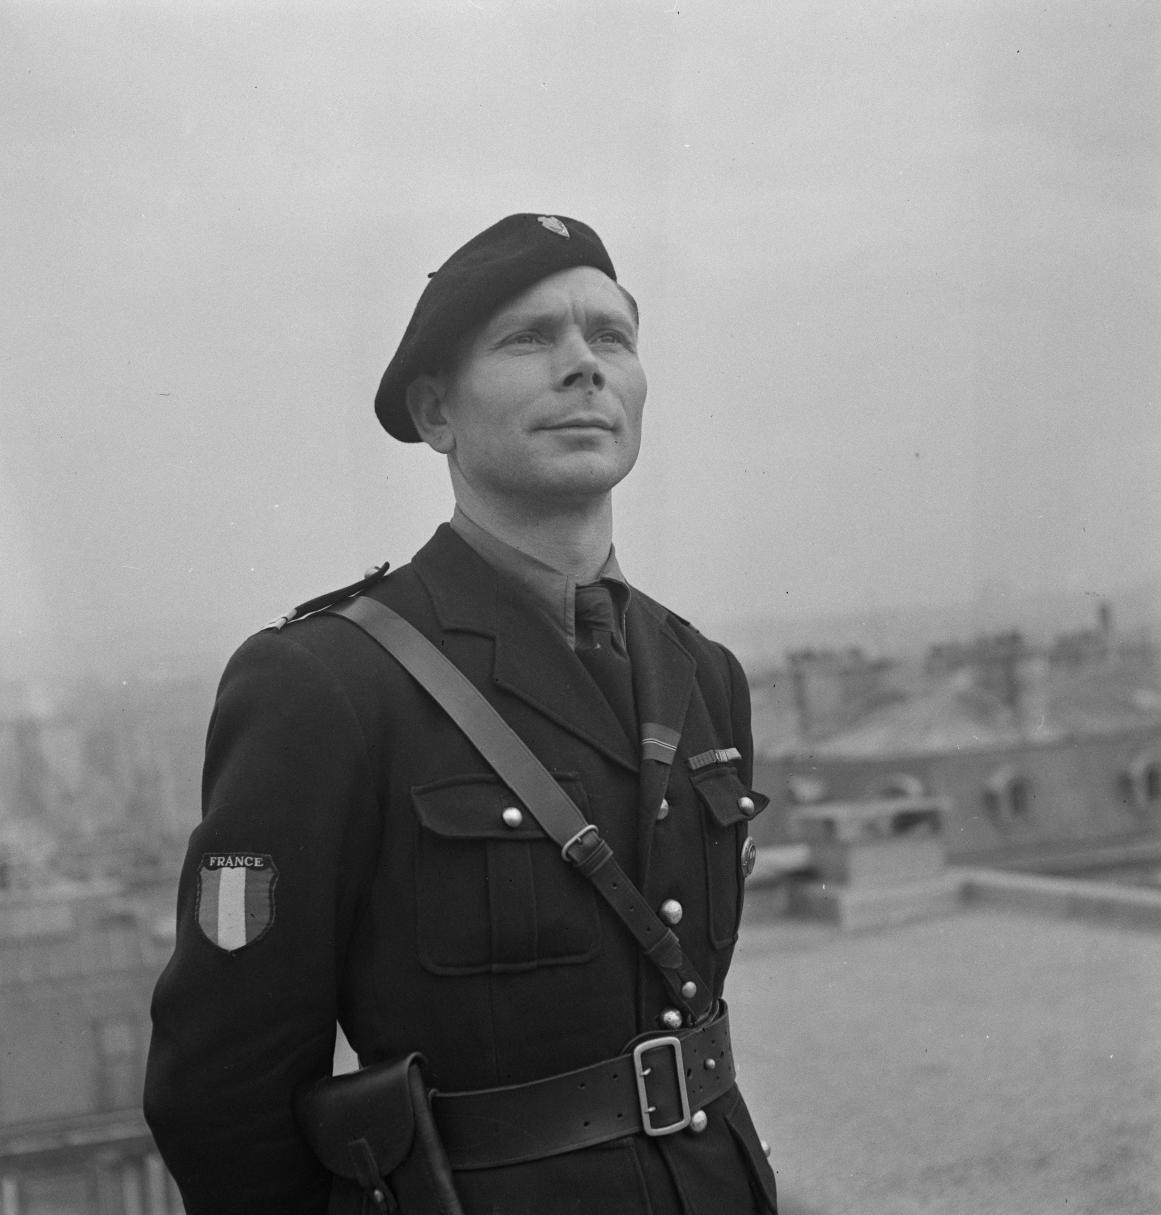 013. Легион французских добровольцев против большевизма. Доброволец